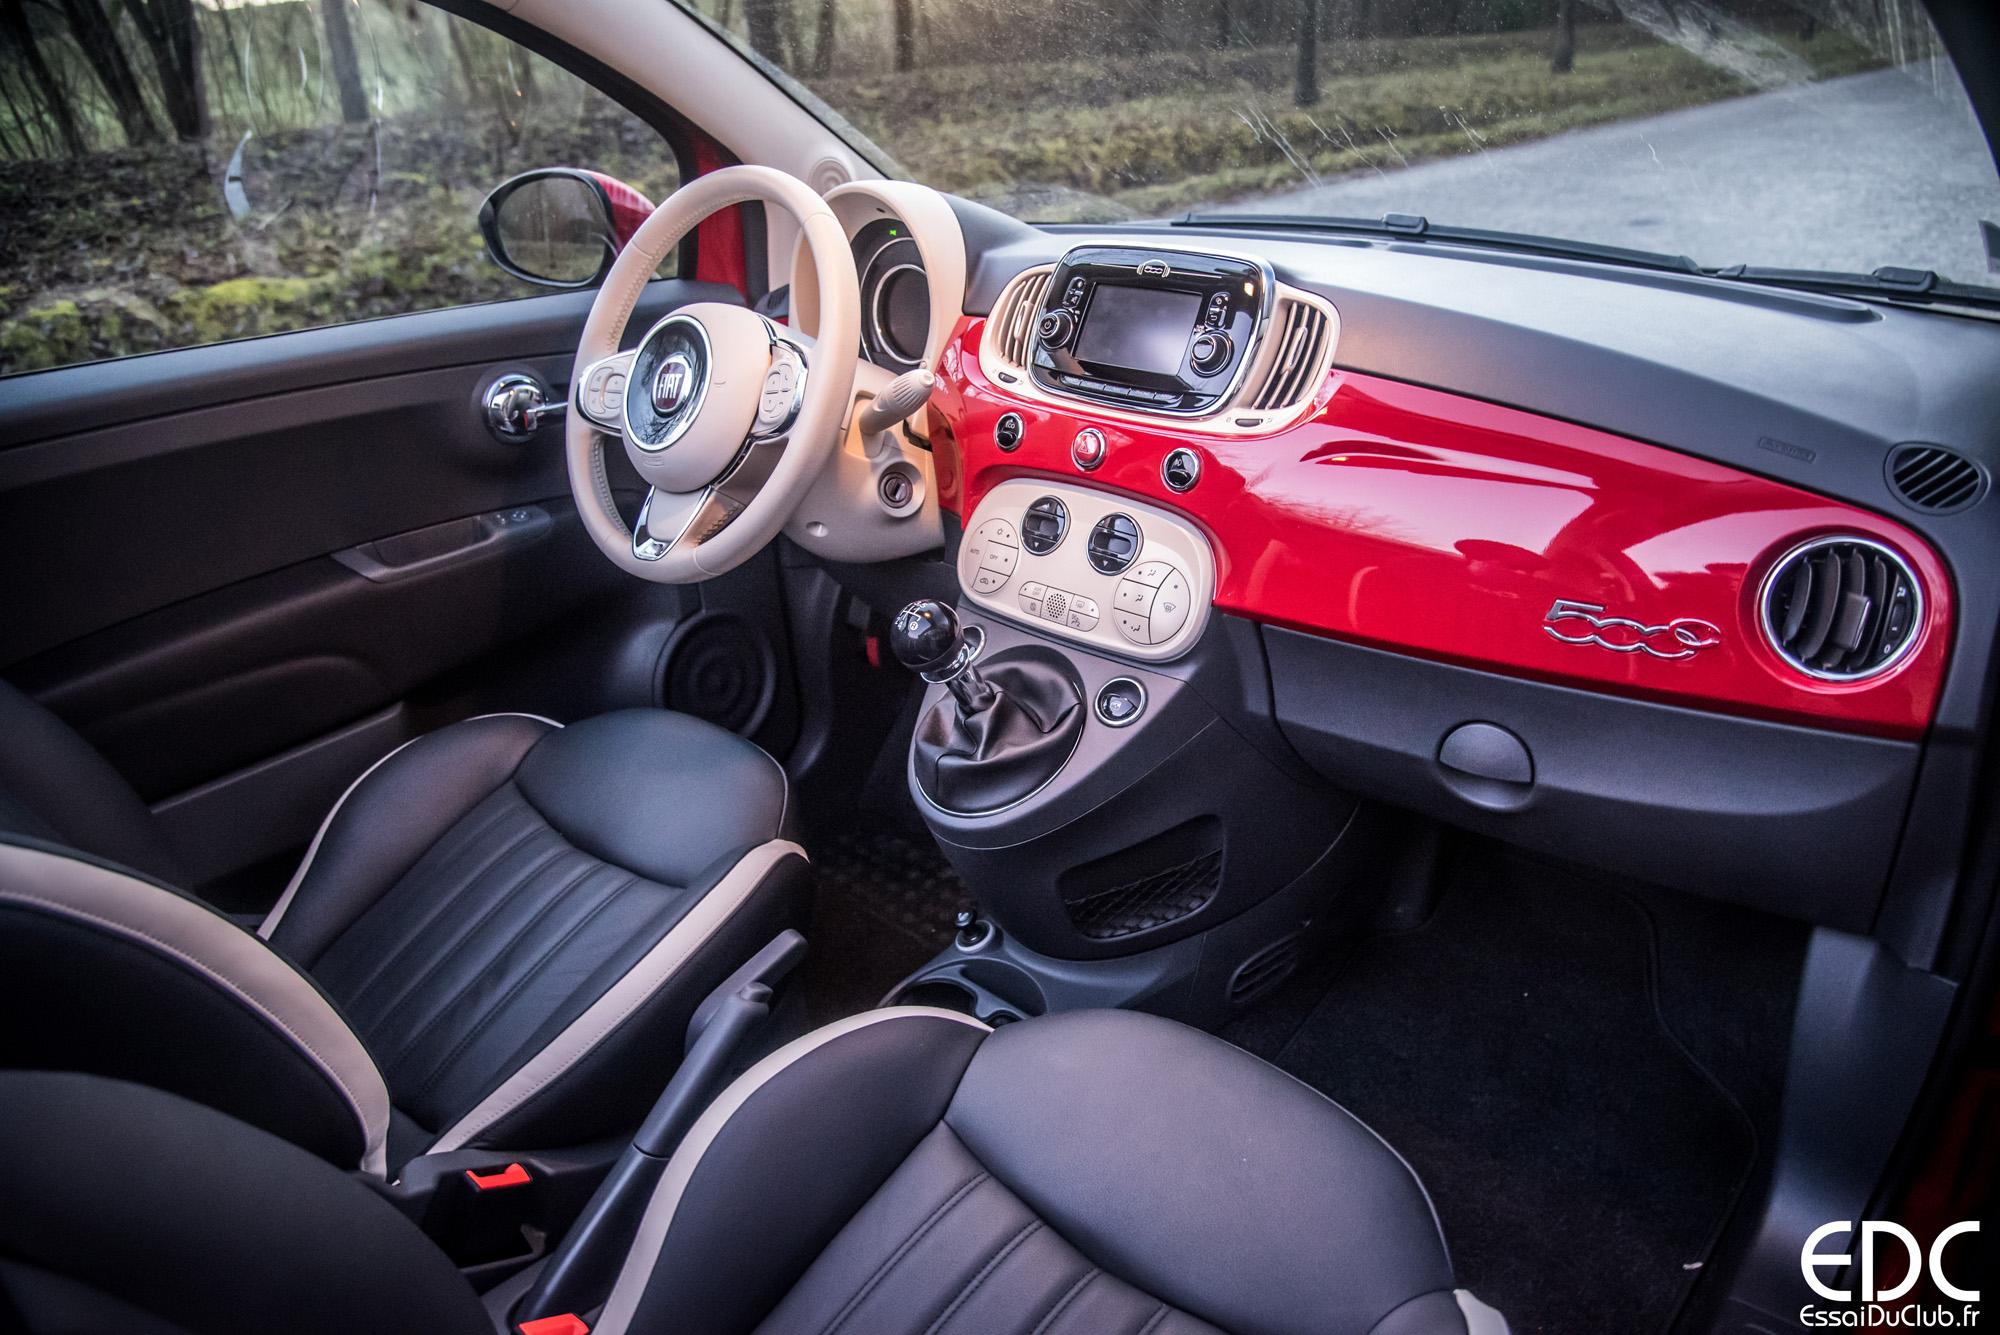 Essai Fiat 500C sans le toit ! - Les Essais du Club